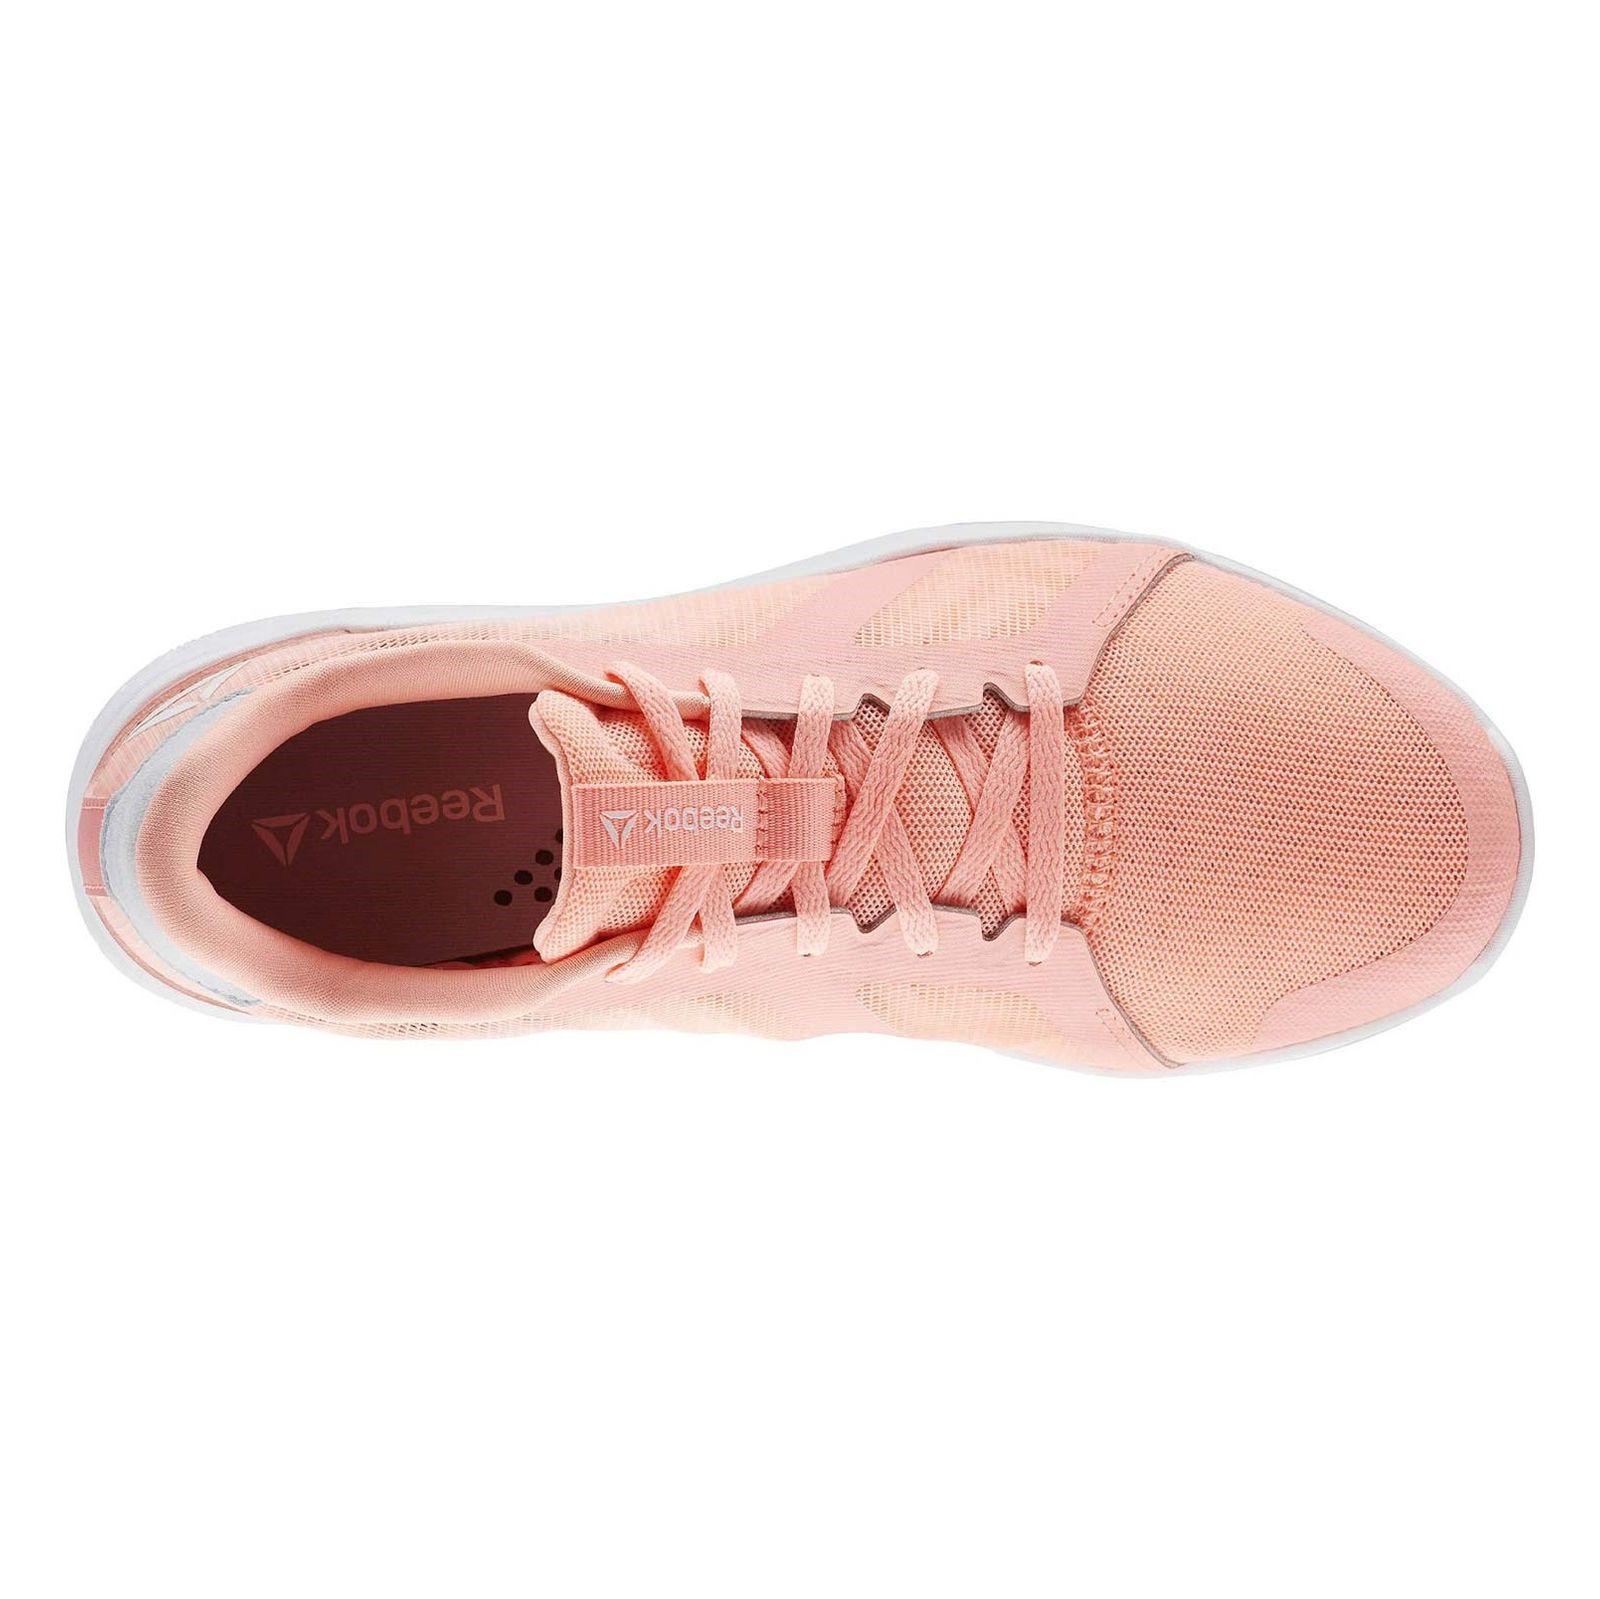 کفش تمرین بندی زنانه Everchill TR 2-0 - ریباک - صورتي - 4